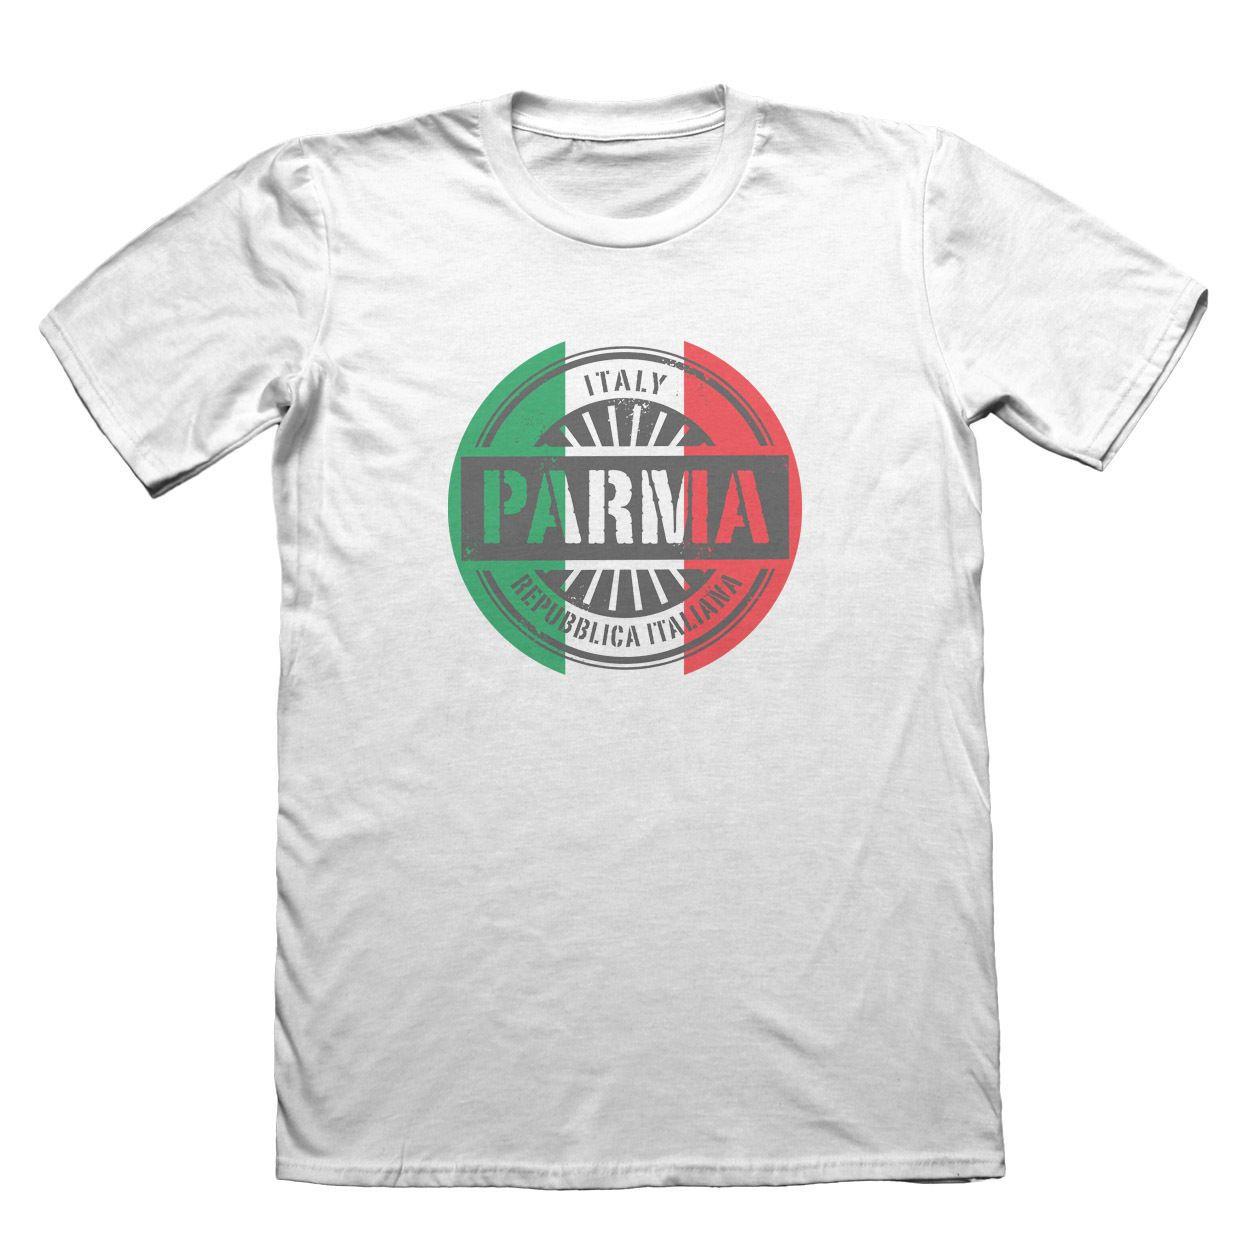 2019 Verão Camiseta O-Neck Moda Casual alta qualidade Itália Parmat shirt